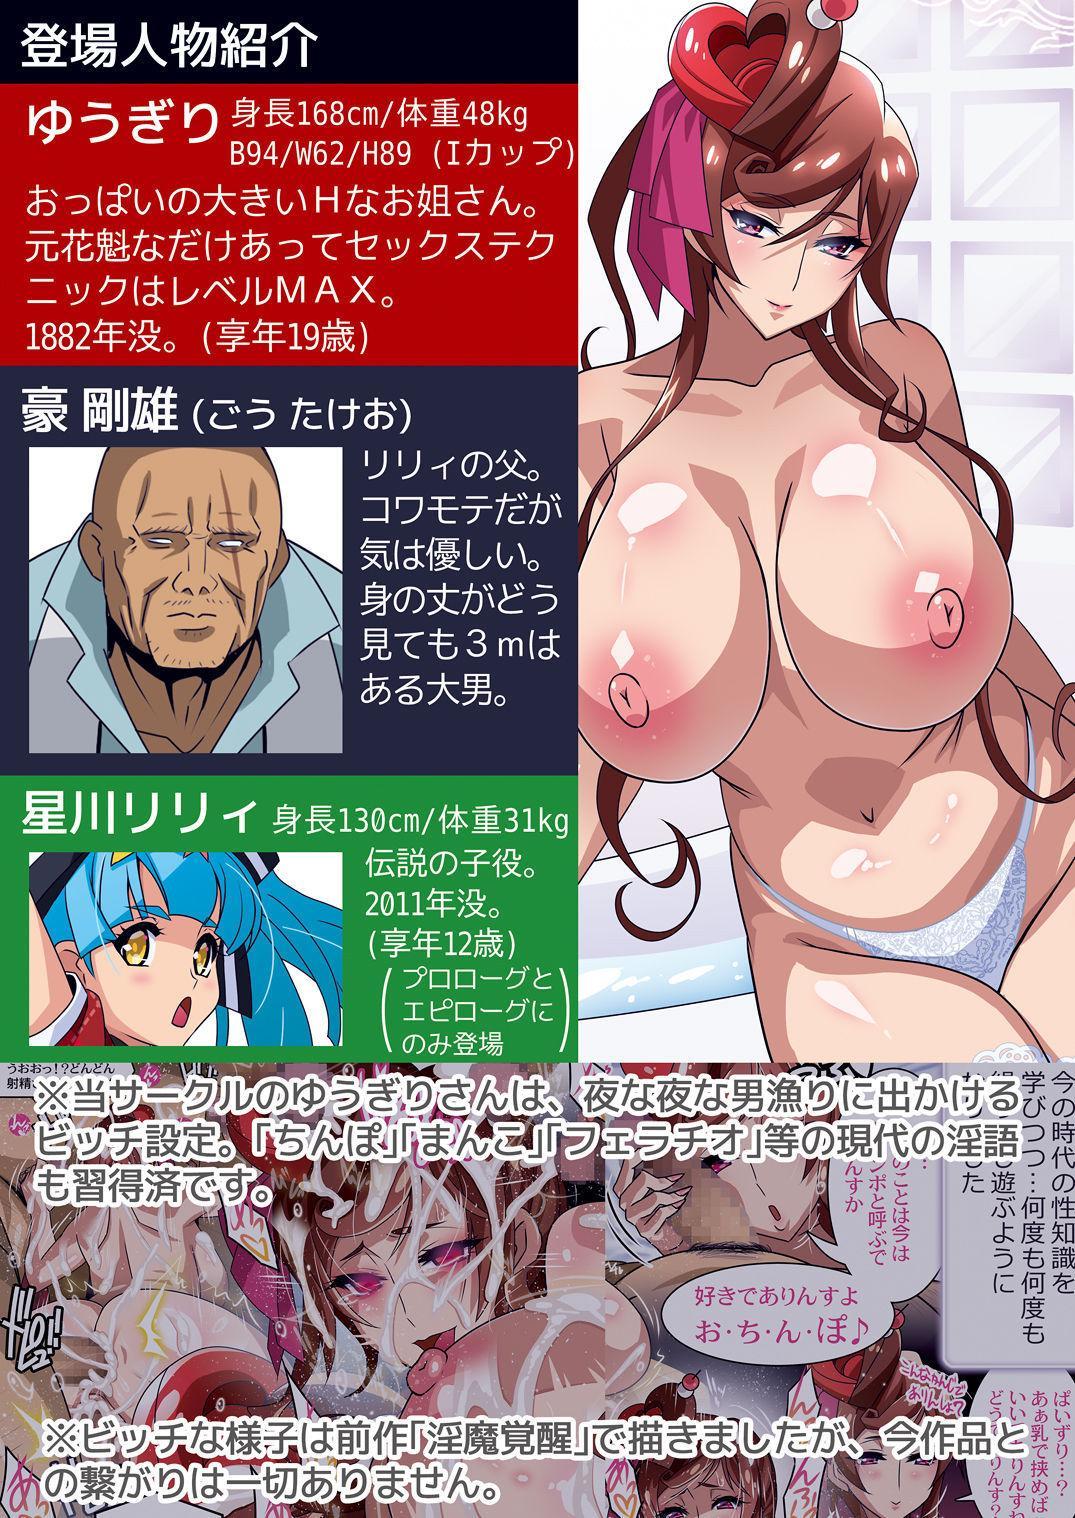 Nee-san vs Chougokubuto Yuugiri Tai Takeo Gekka no Koubousen 3